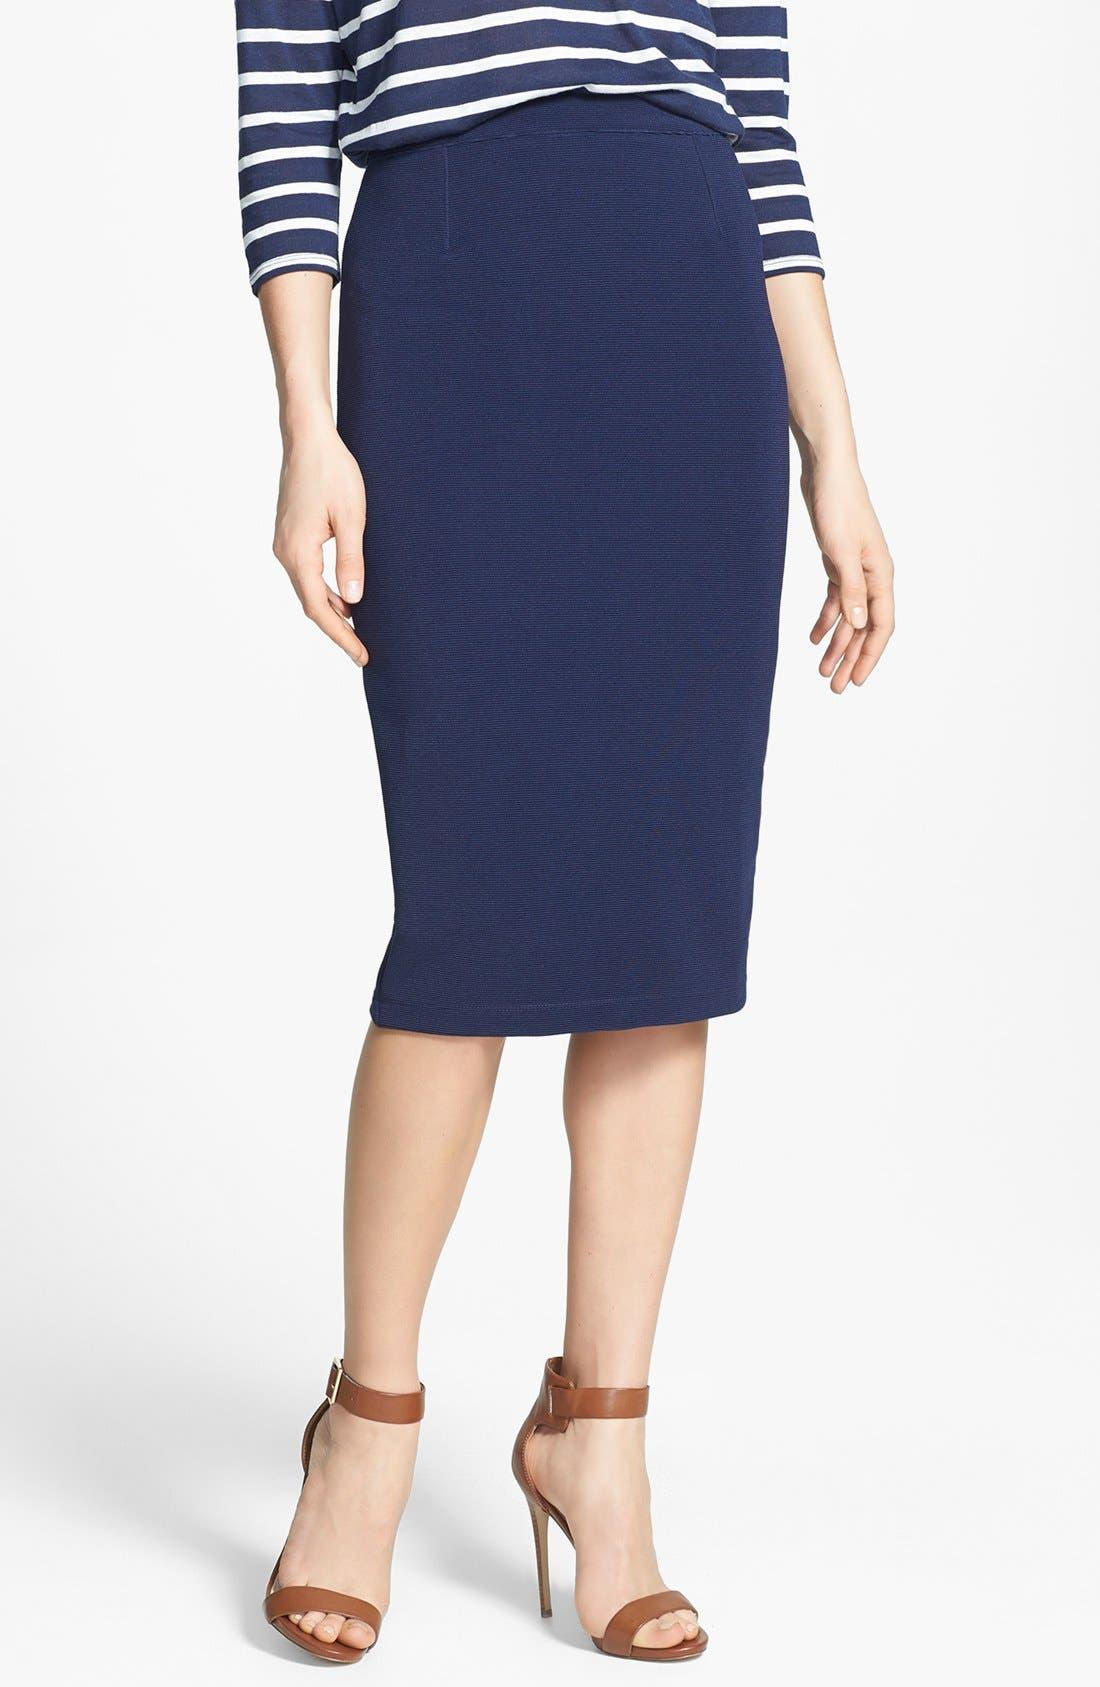 Alternate Image 1 Selected - Halogen® Ottoman Rib Tube Skirt (Regular & Petite)